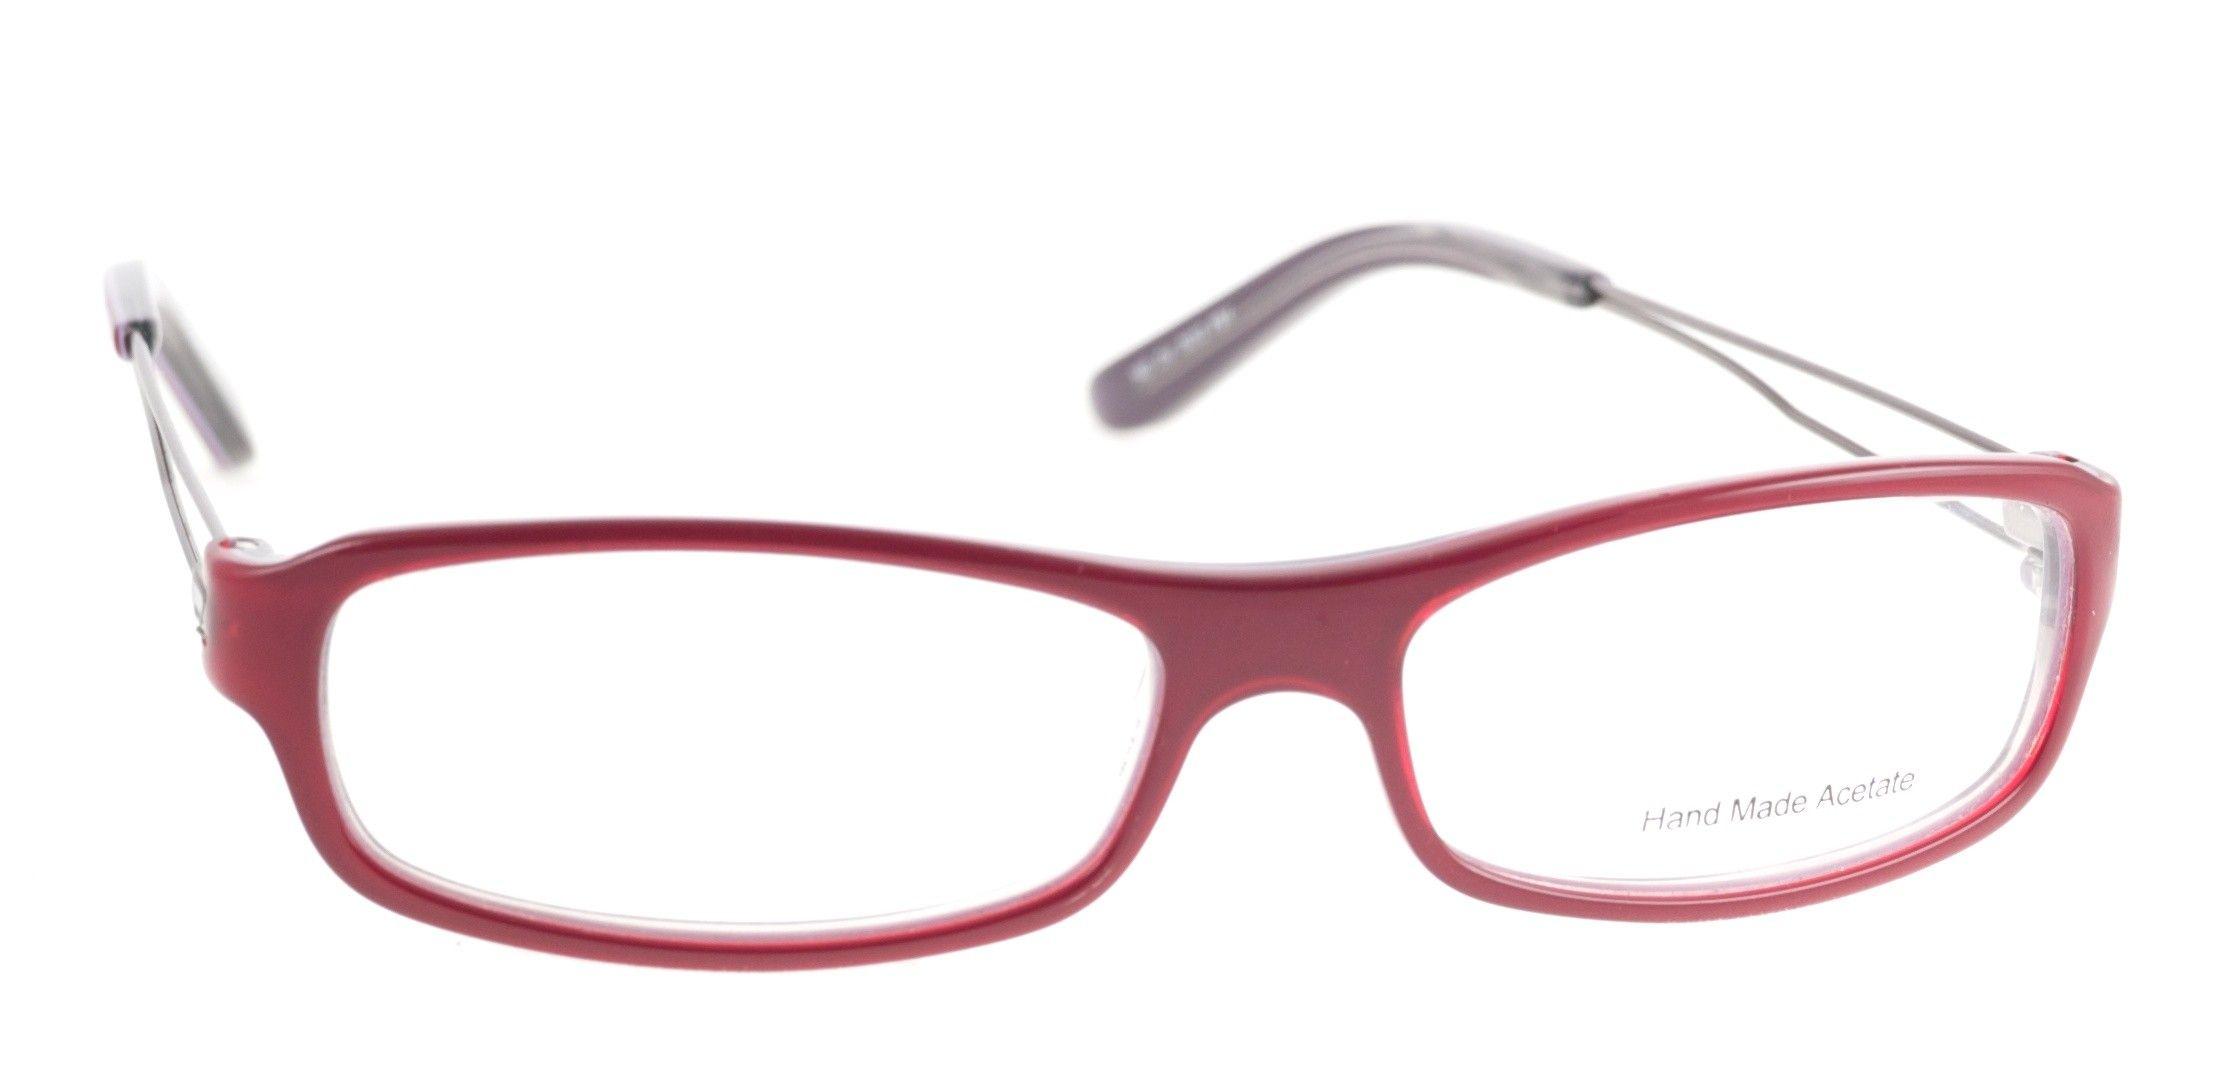 Diesel 0013 Pink glasses